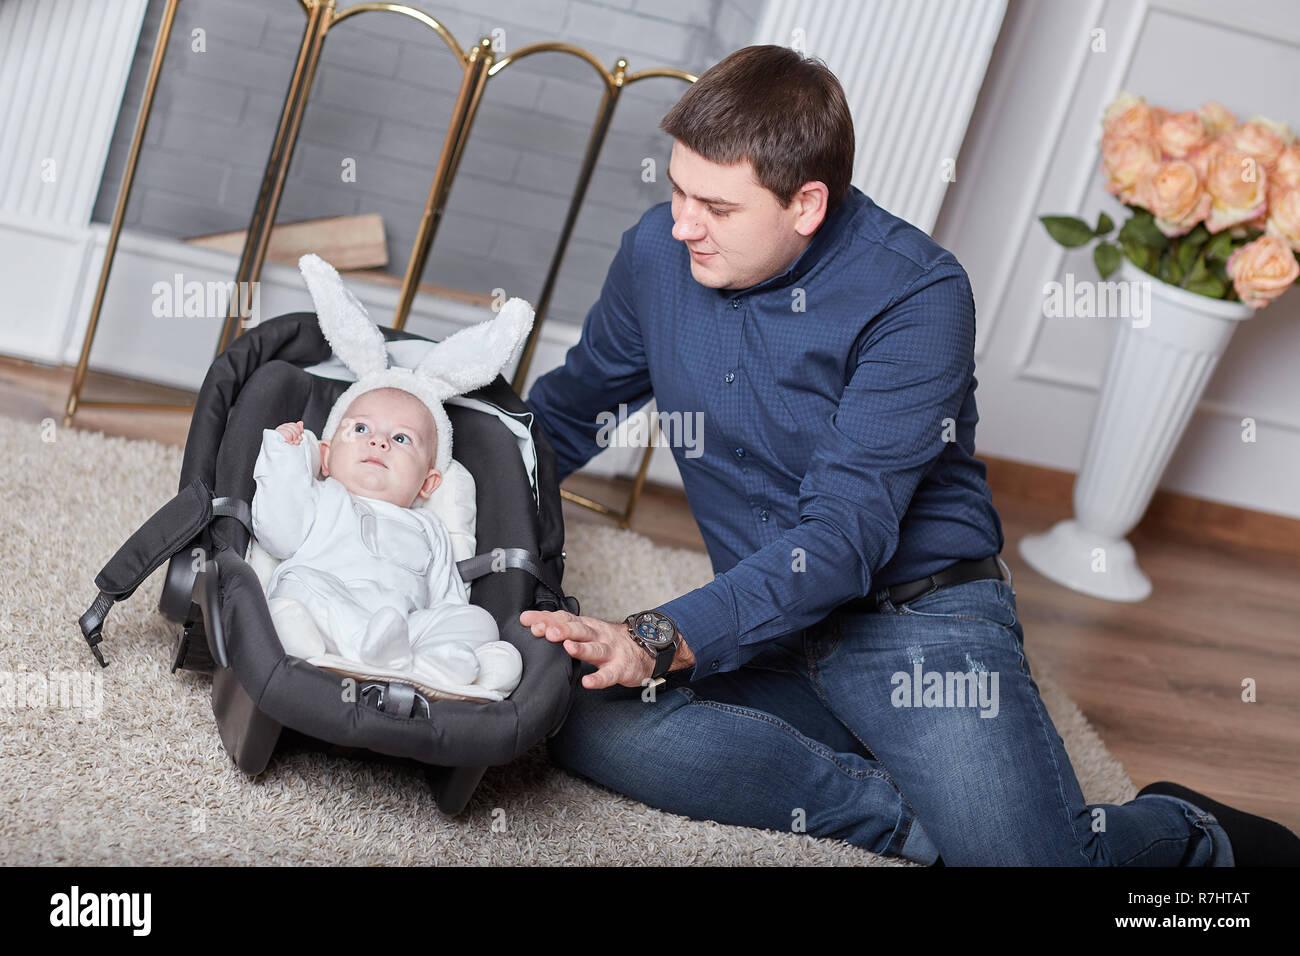 Papà amorevole e di un bel bambino in un costume di coniglio prima di una passeggiata Immagini Stock